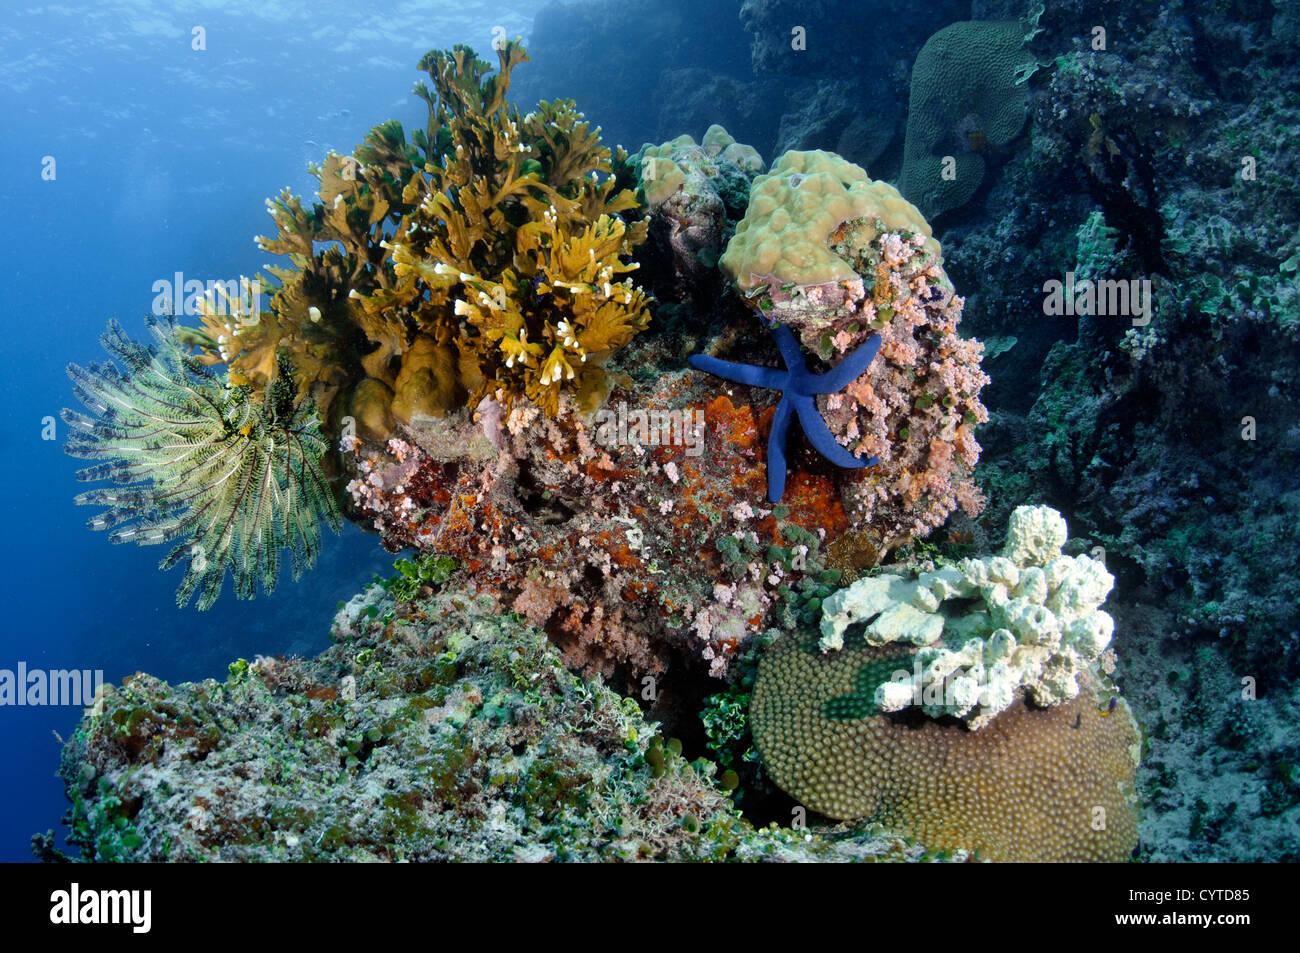 Esuberante barriera corallina, Pohnpei, Stati Federati di Micronesia, Pacifico del Nord Immagini Stock